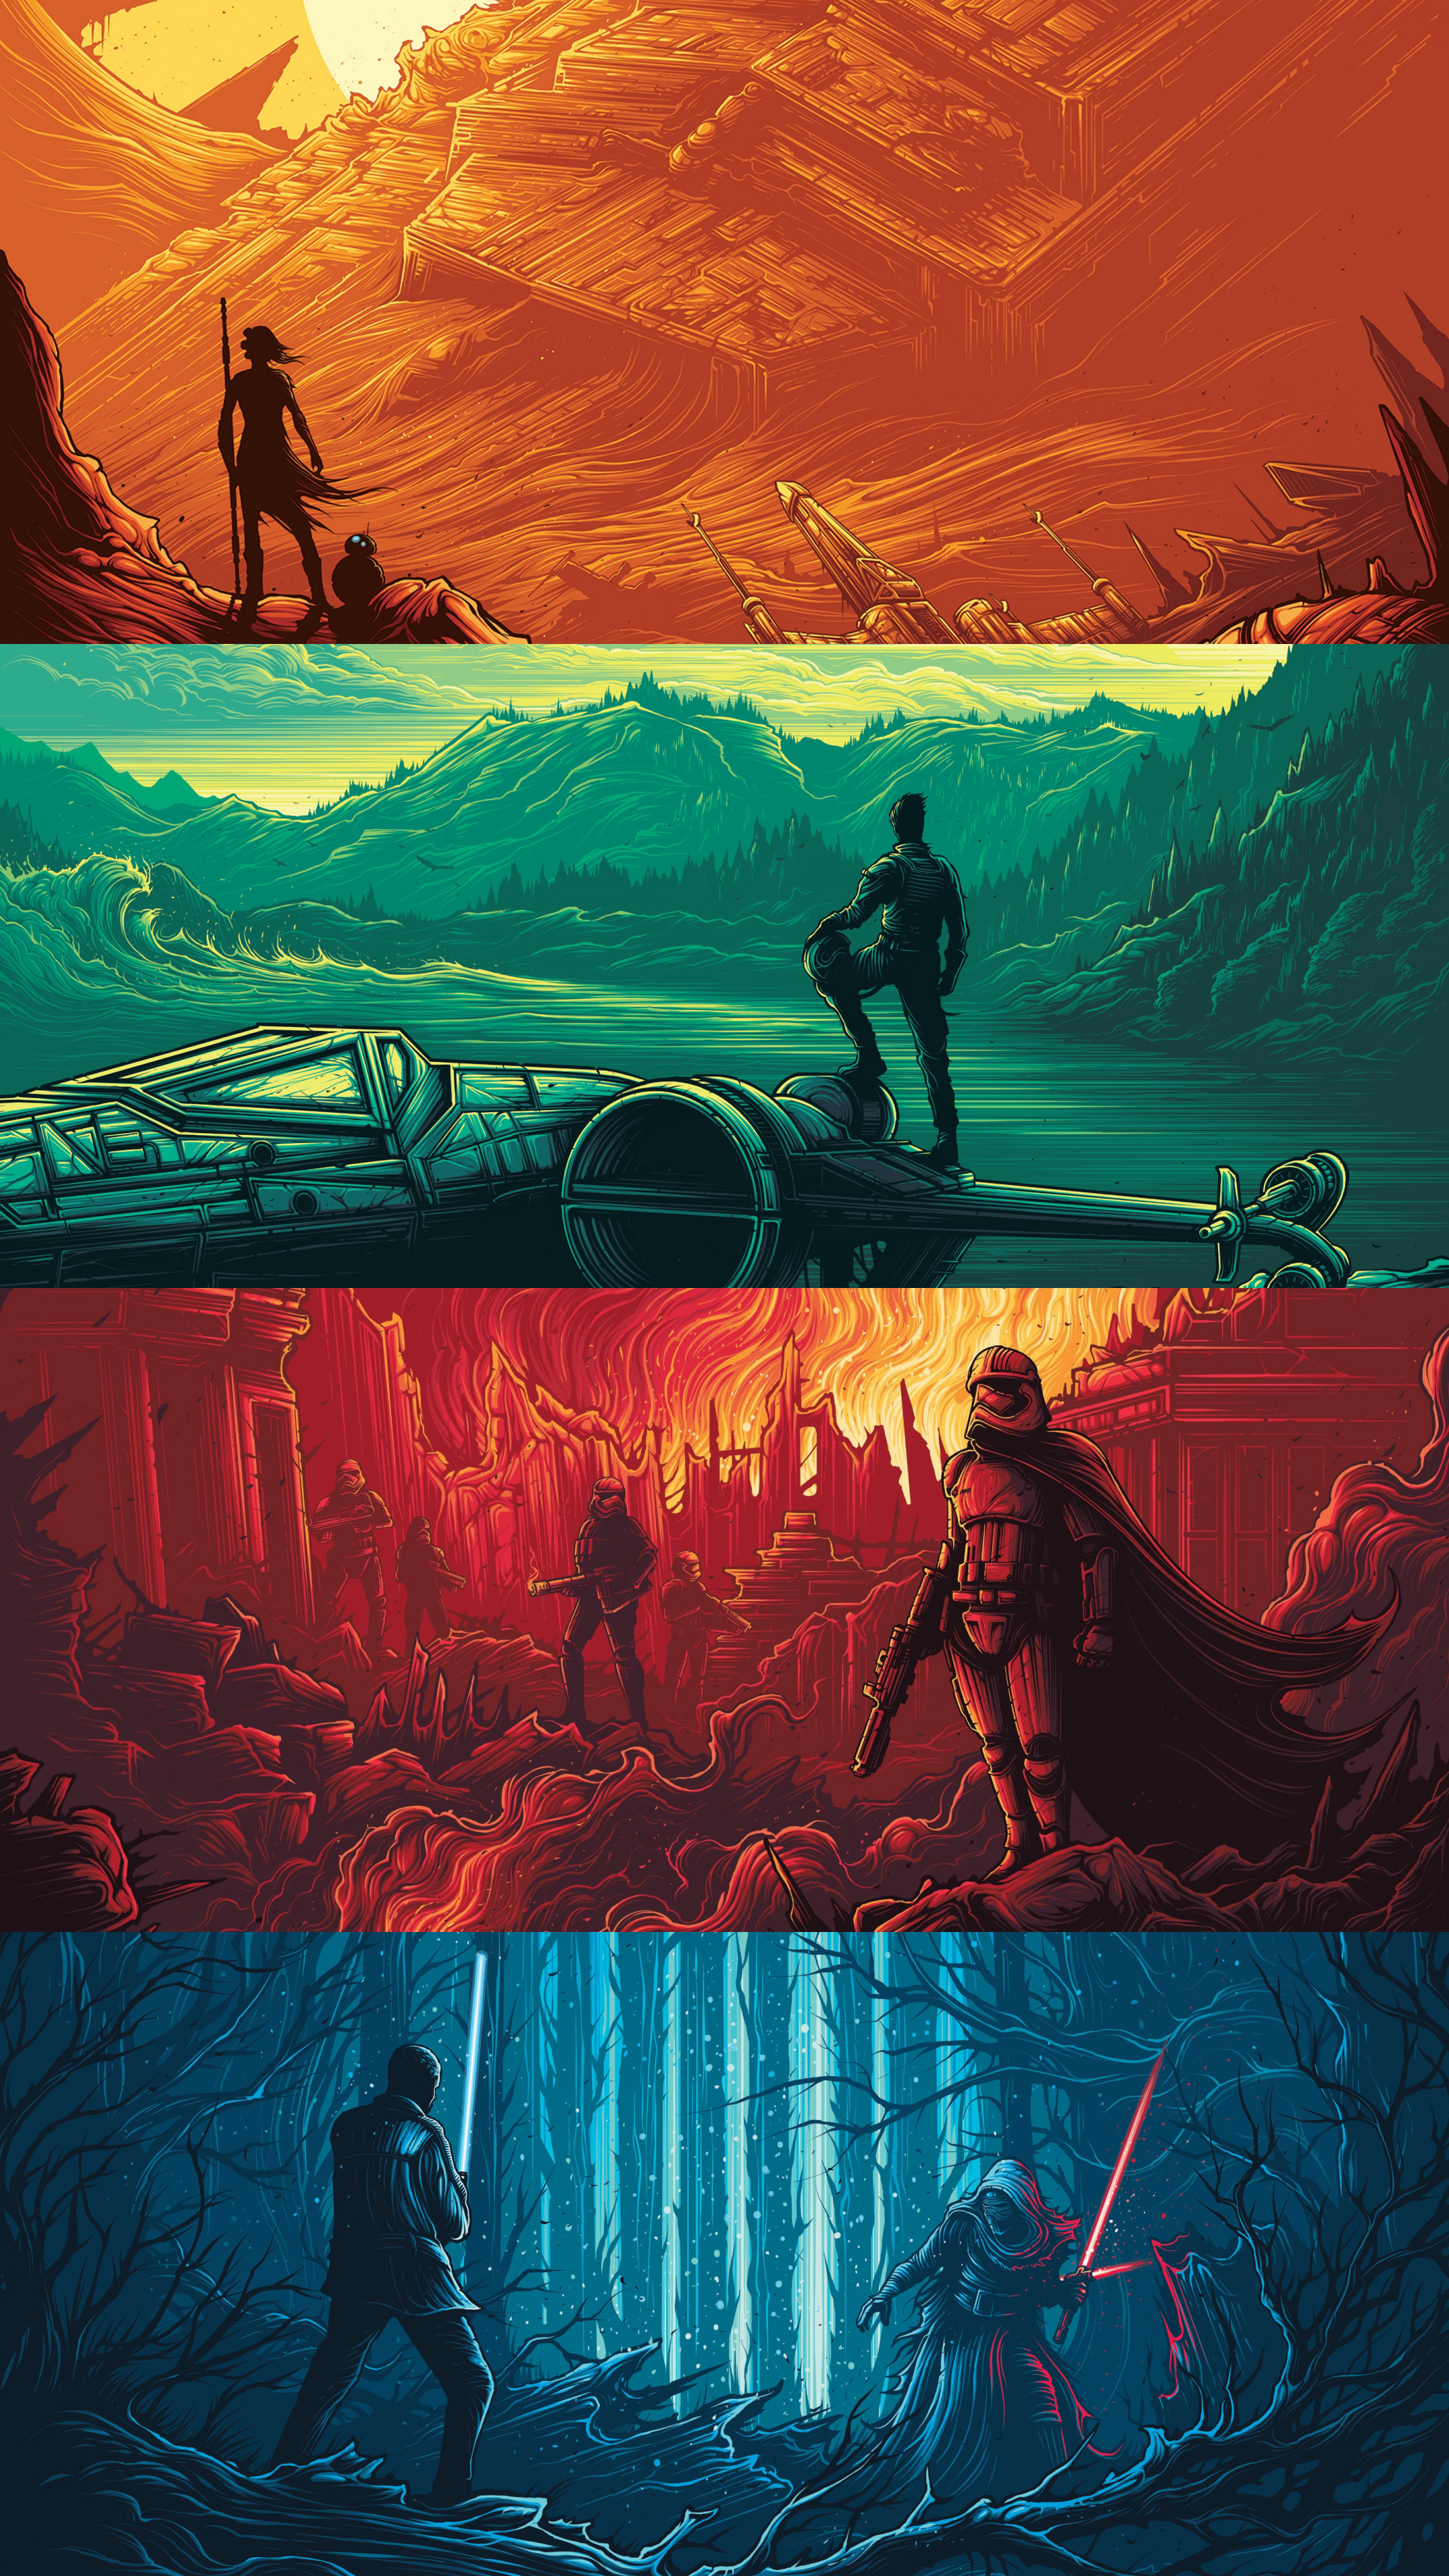 100 Wallpapers HD 4K ¡Gran Colección! | Fondos de Pantalla